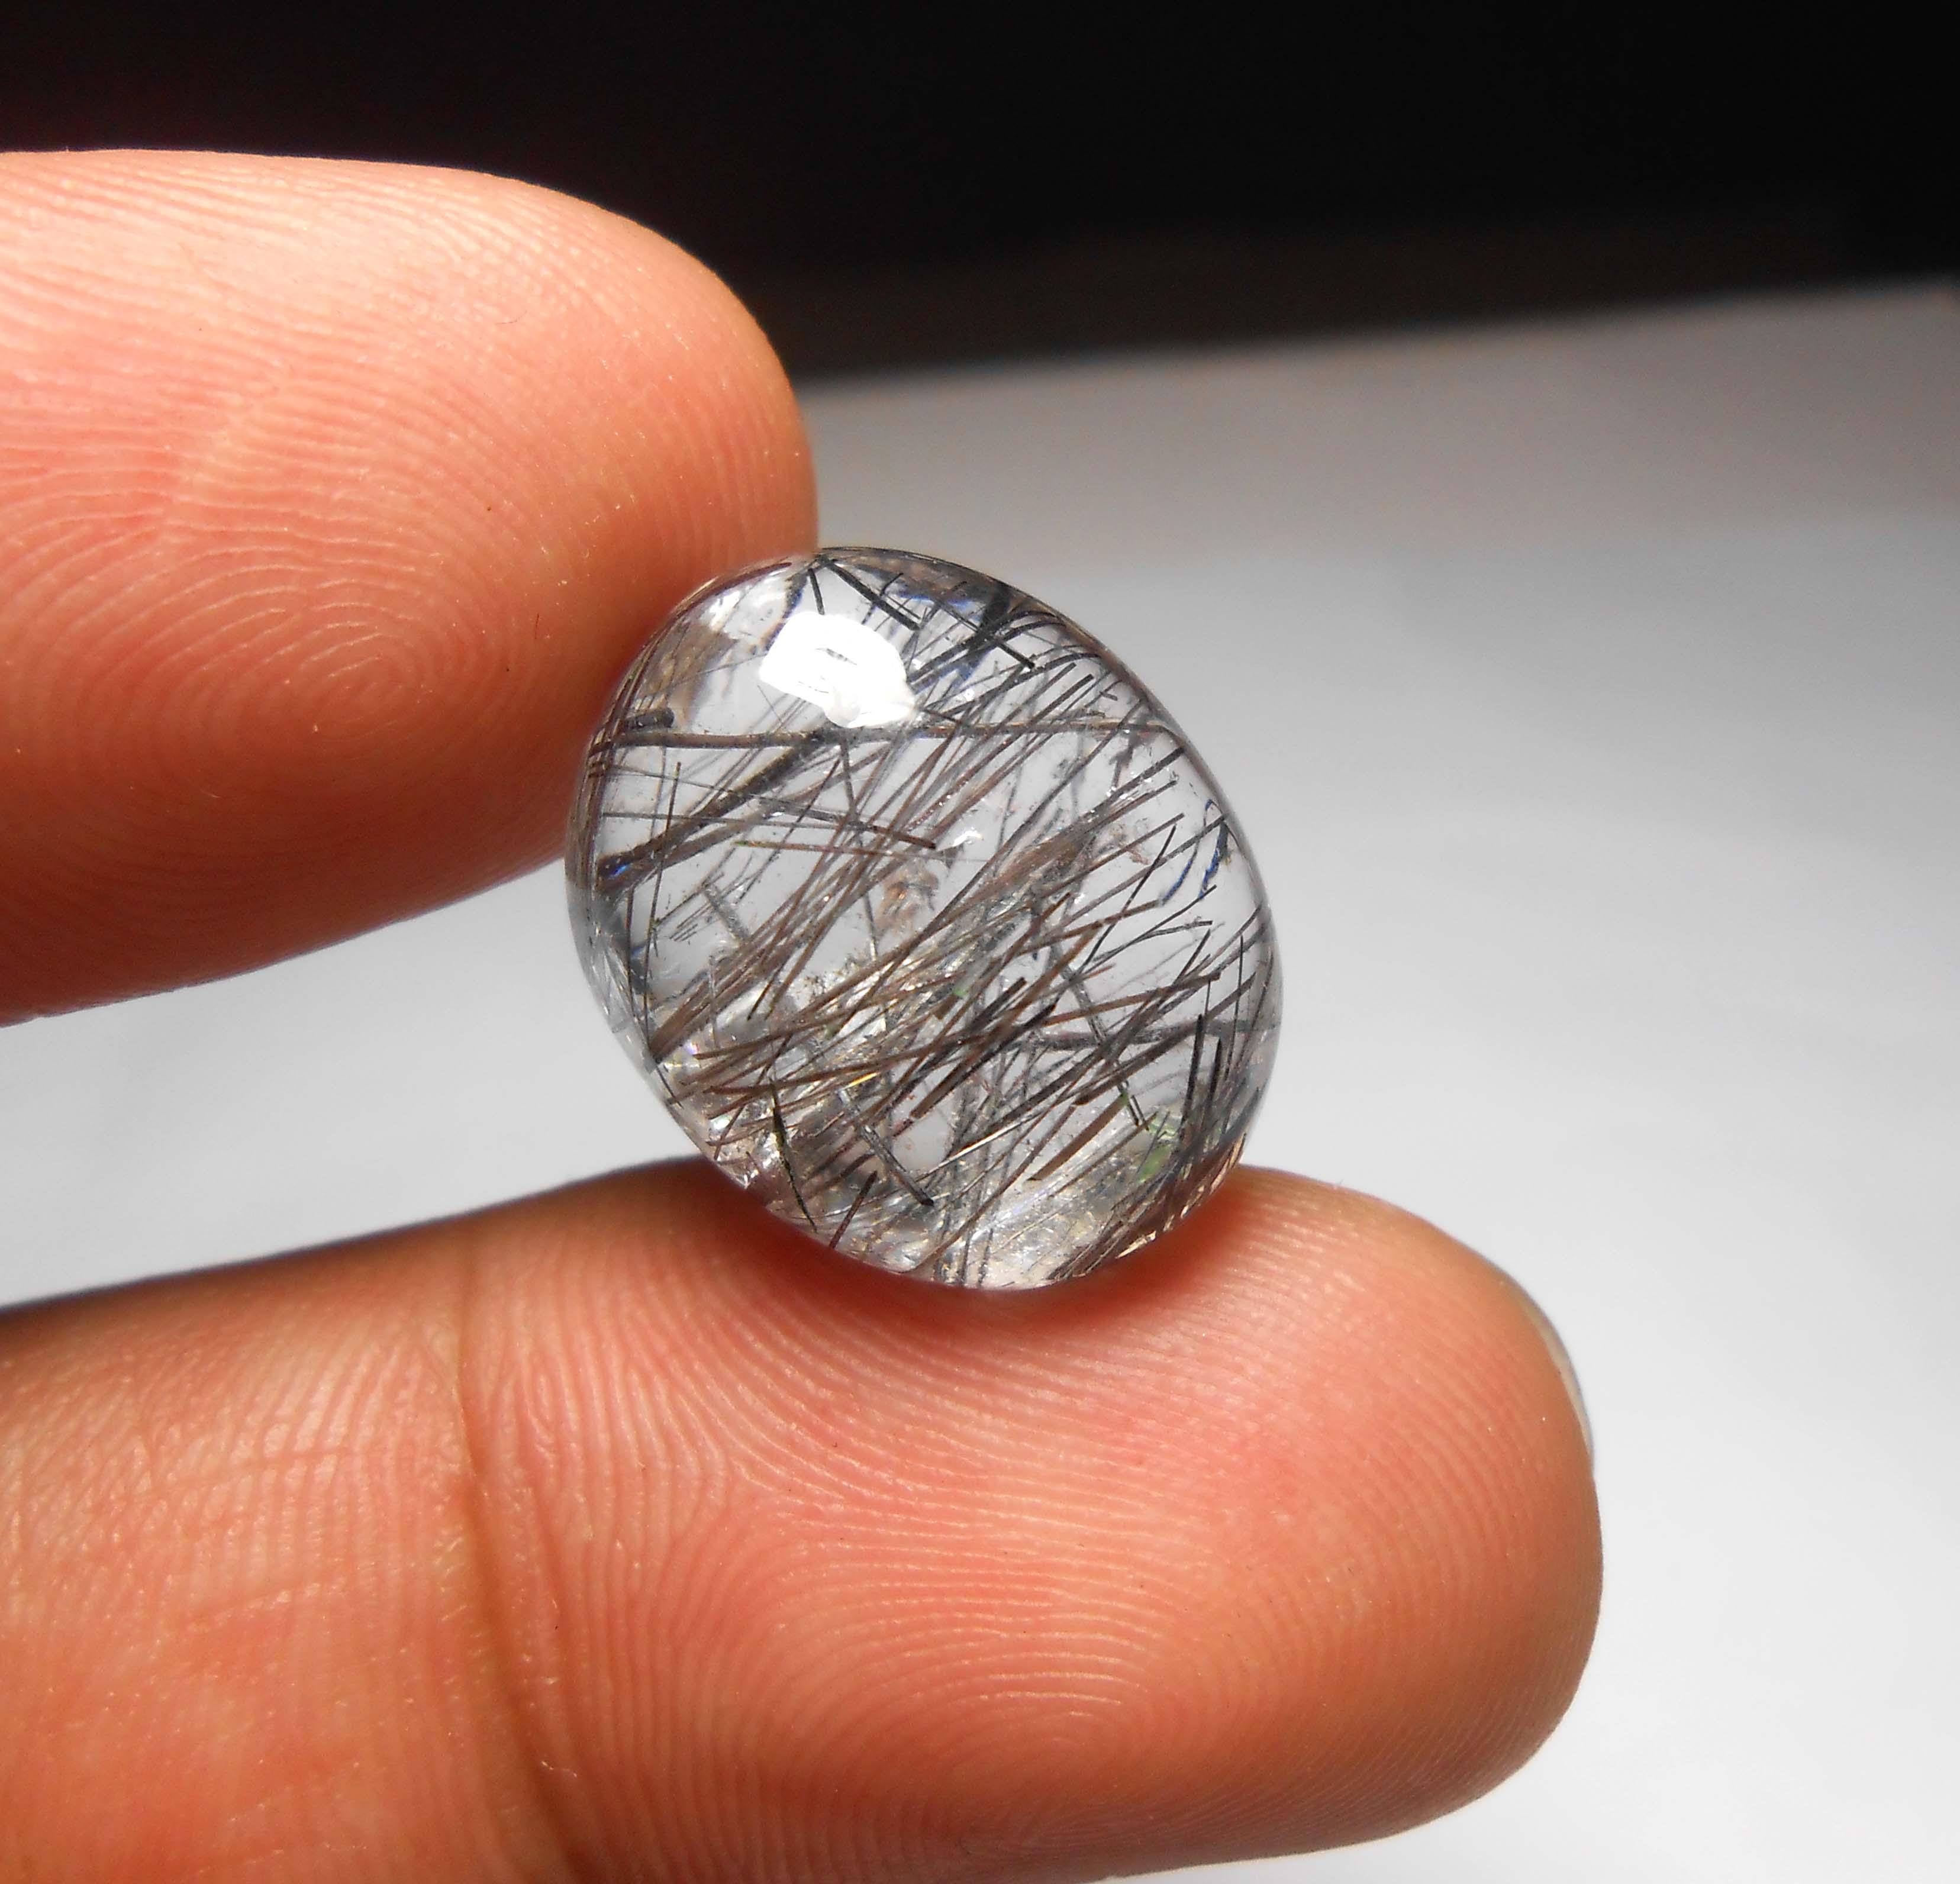 แก้วขนเหล็ก เส้นแกร่ง น้ำใสงาม ขนาด1.9x 1.5 cm ทำแหวน จี้ งามๆ